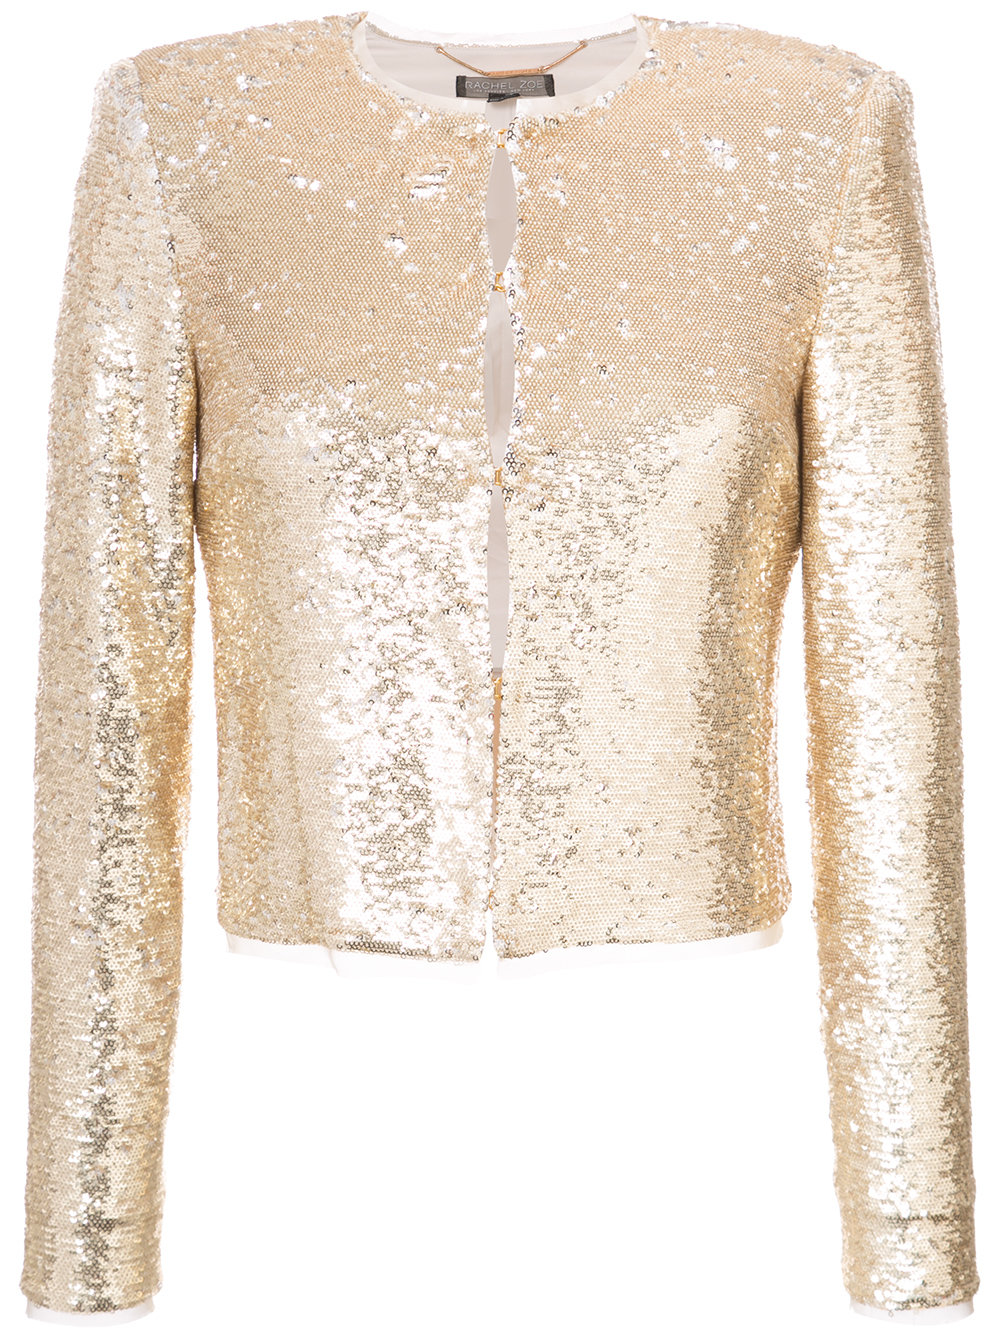 RACHEL ZOE jacket - $395